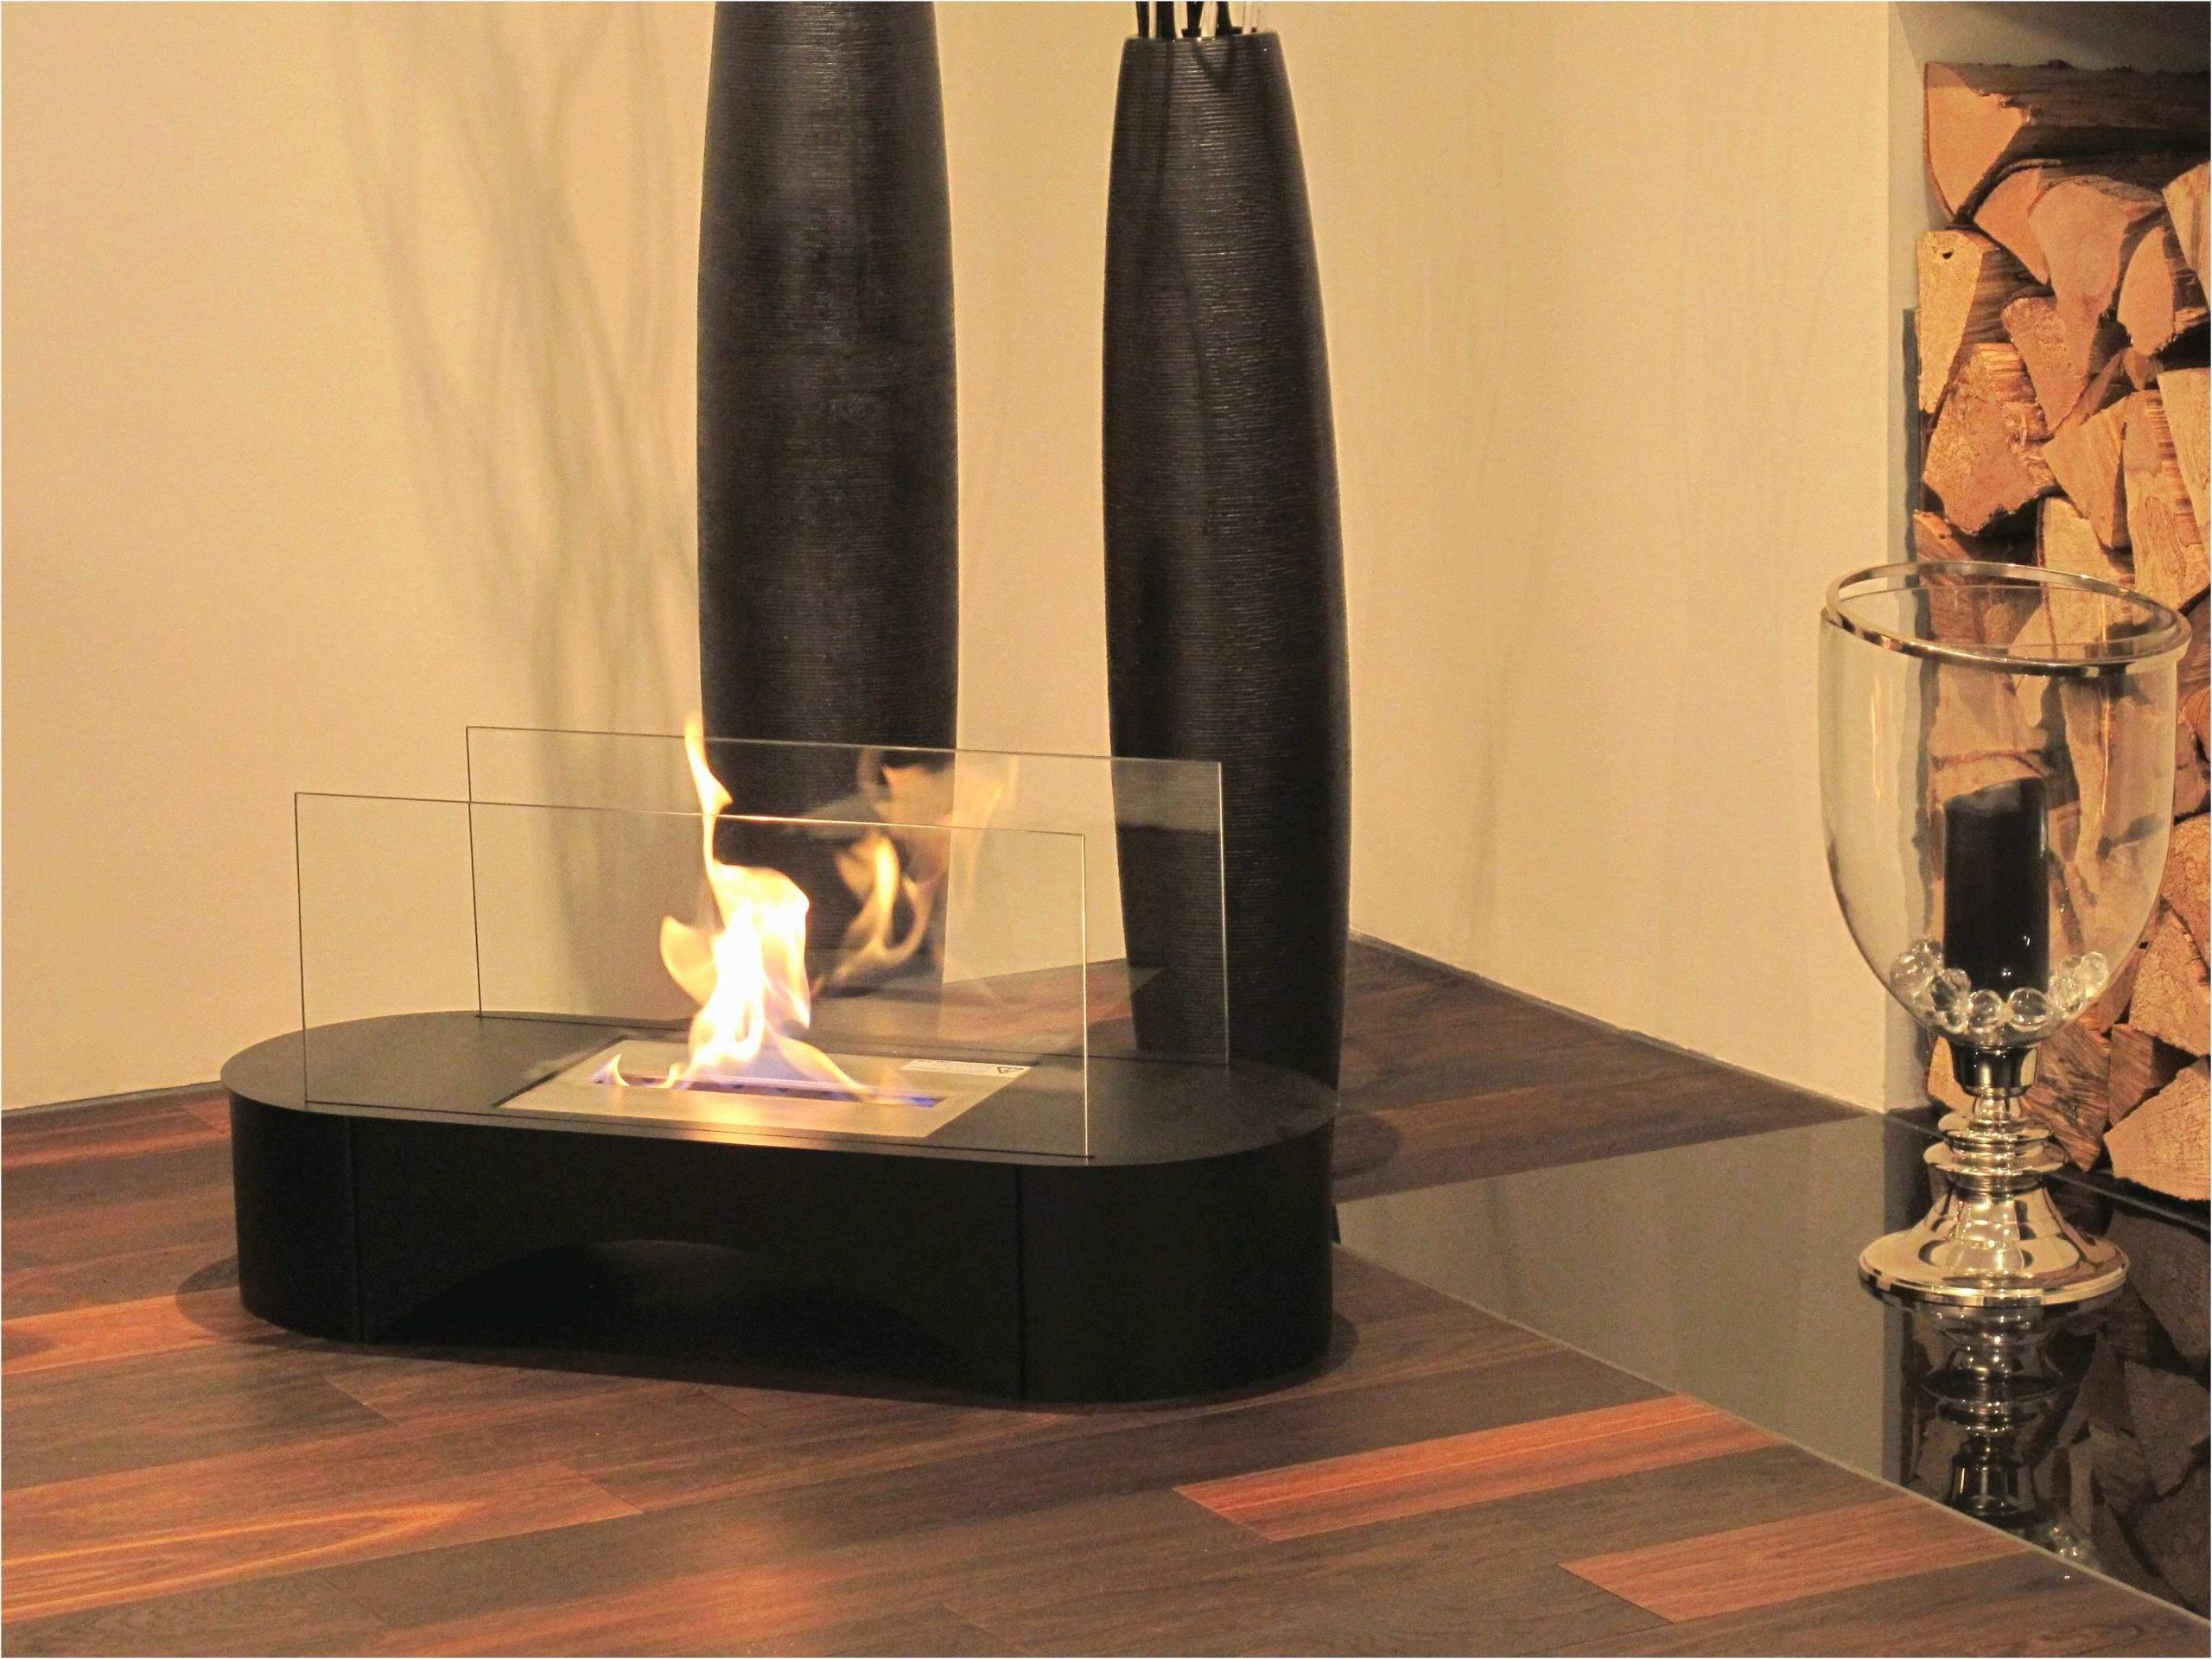 feuerstelle im garten schon 29 elegant bilder garten reizend of feuerstelle im garten